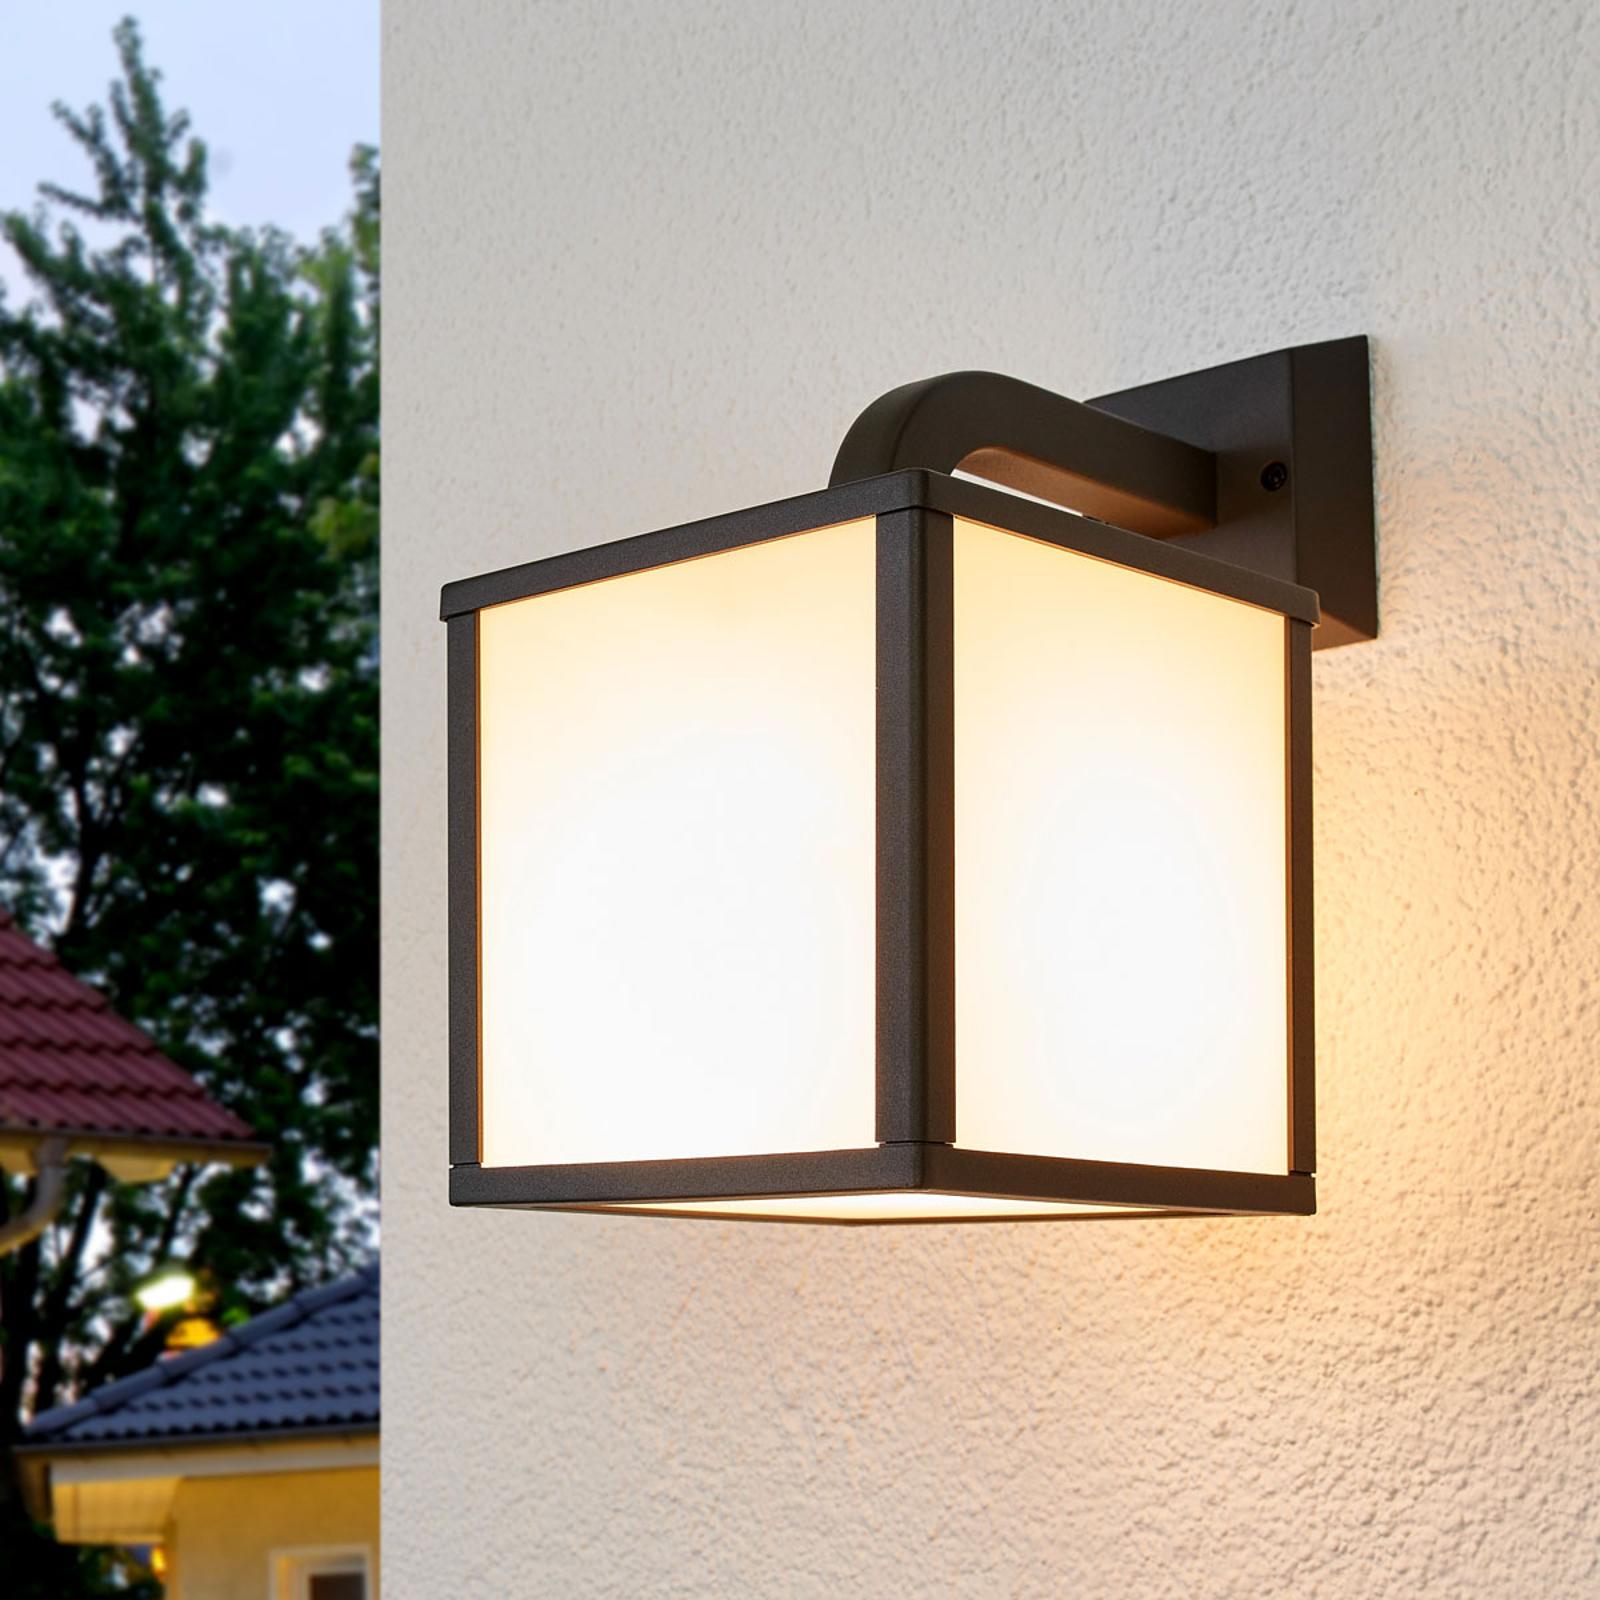 Applique d'extérieur LED Cubango, abat-jour cube